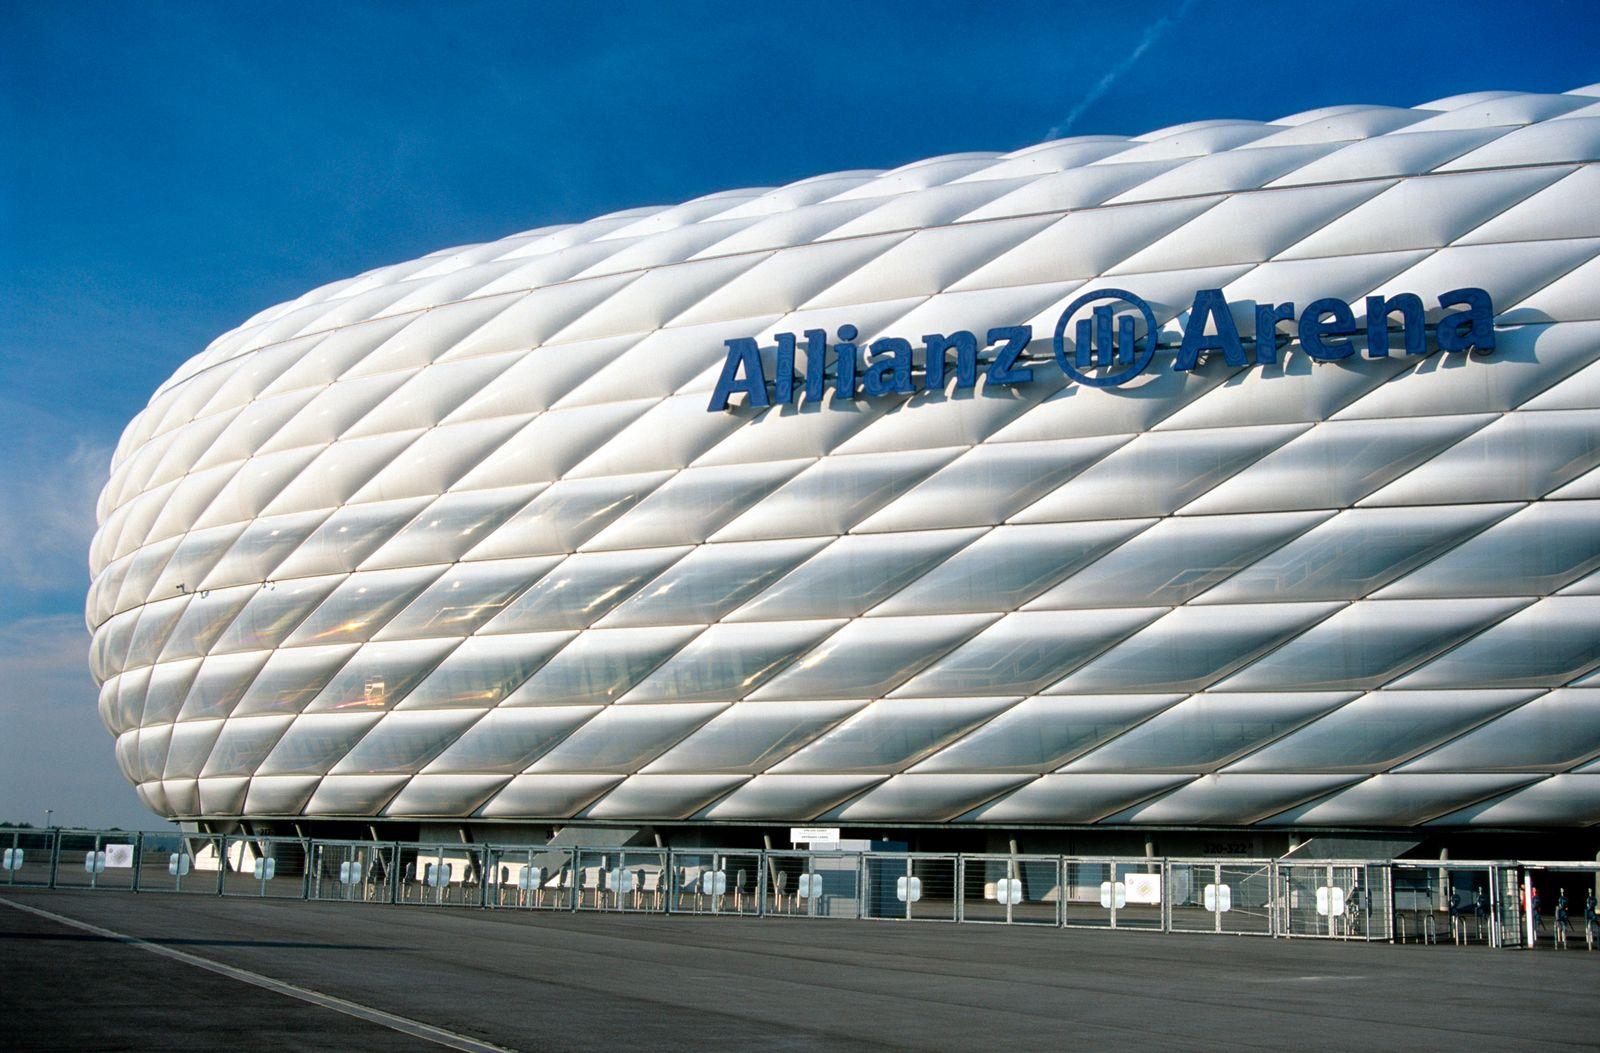 アリアンツ・アレーナ(Allianz Arena)